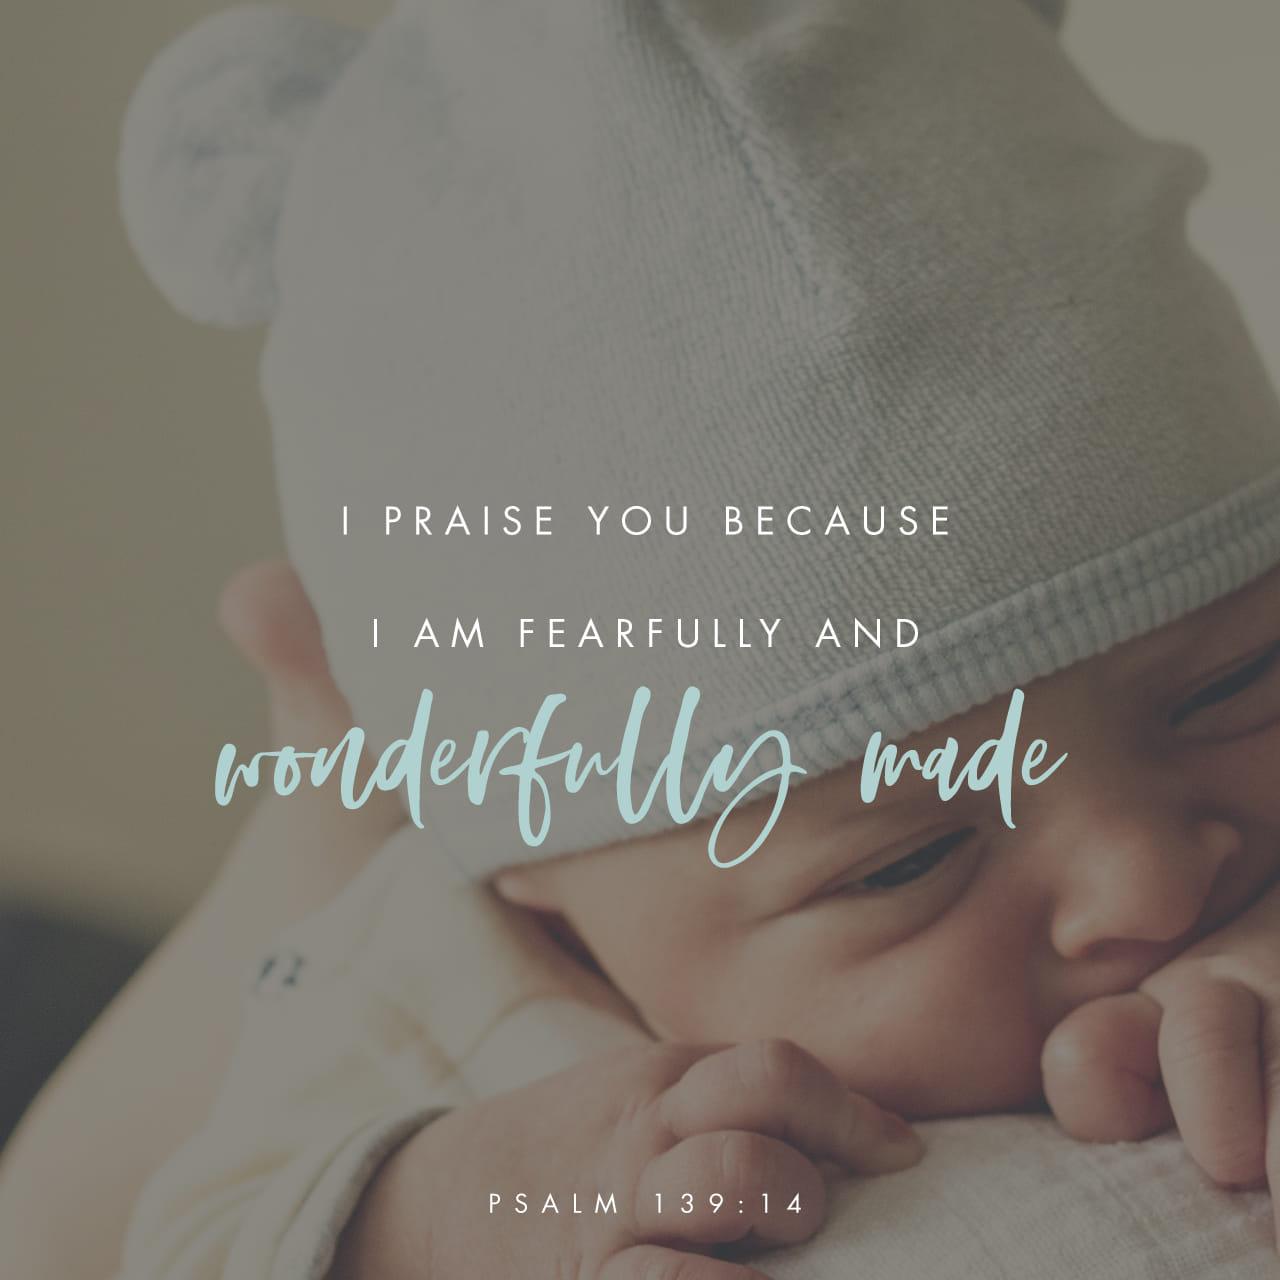 Salmos 139:13-14 Tú fuiste quien formó todo mi cuerpo; tú me formaste en el vientre de mi madre. Te alabo porque estoy maravillado, porque es maravilloso lo que has hecho. ¡De ello estoy bien convencido! | Biblia Dios Habla Hoy (DHH94PC)